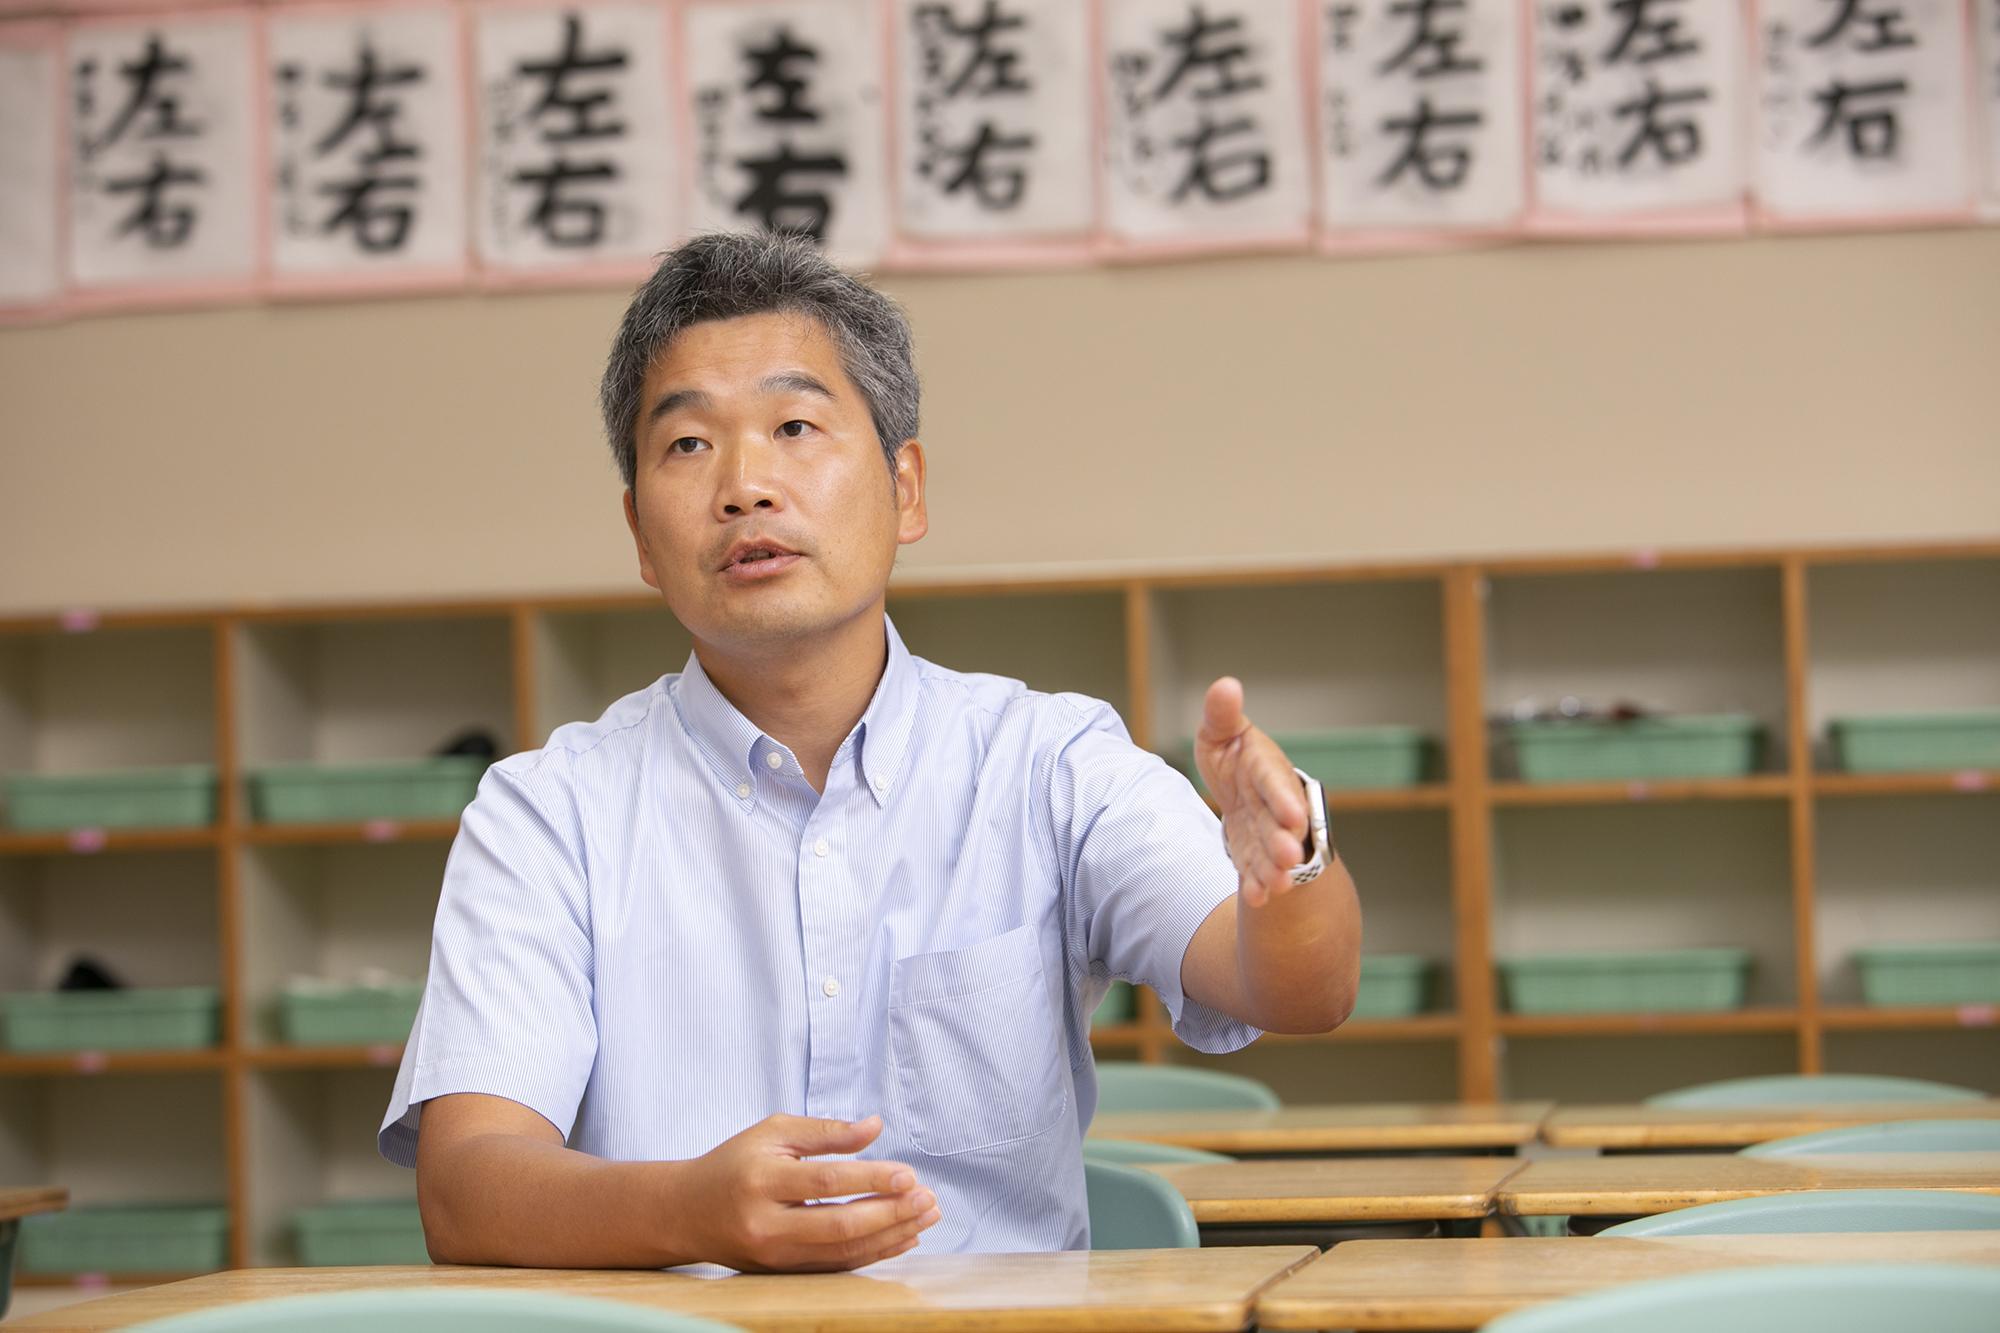 photo: Noboru Enomoto, Teacher, Elementary School, Morimura Gakuen